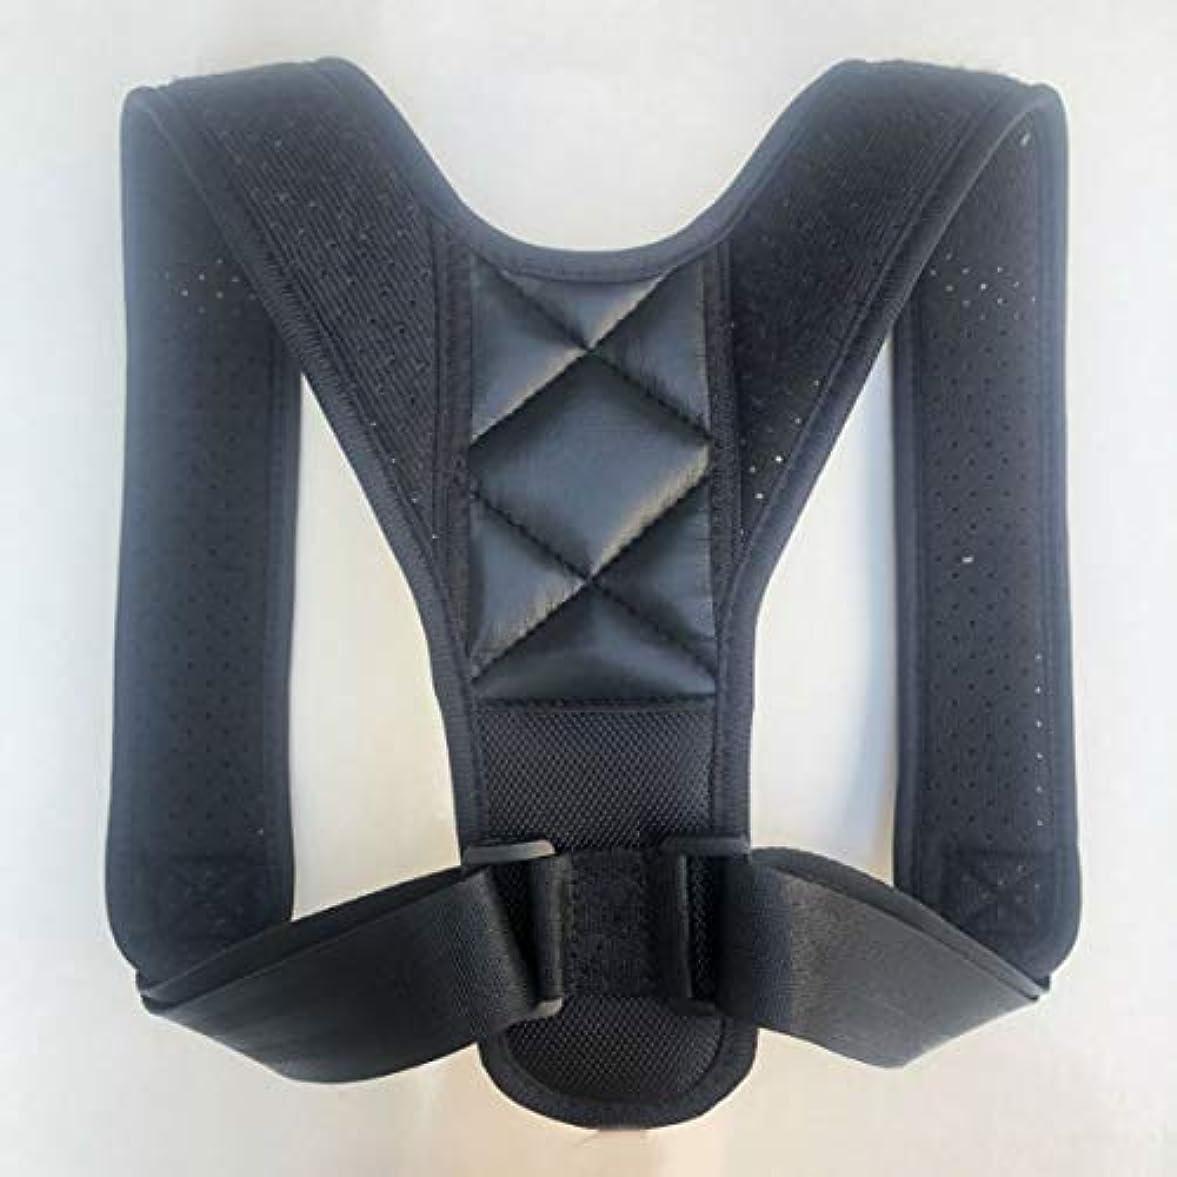 バズ誇りに思う隠アッパーバックポスチャーコレクター姿勢鎖骨サポートコレクターバックストレートショルダーブレースストラップコレクター - ブラック